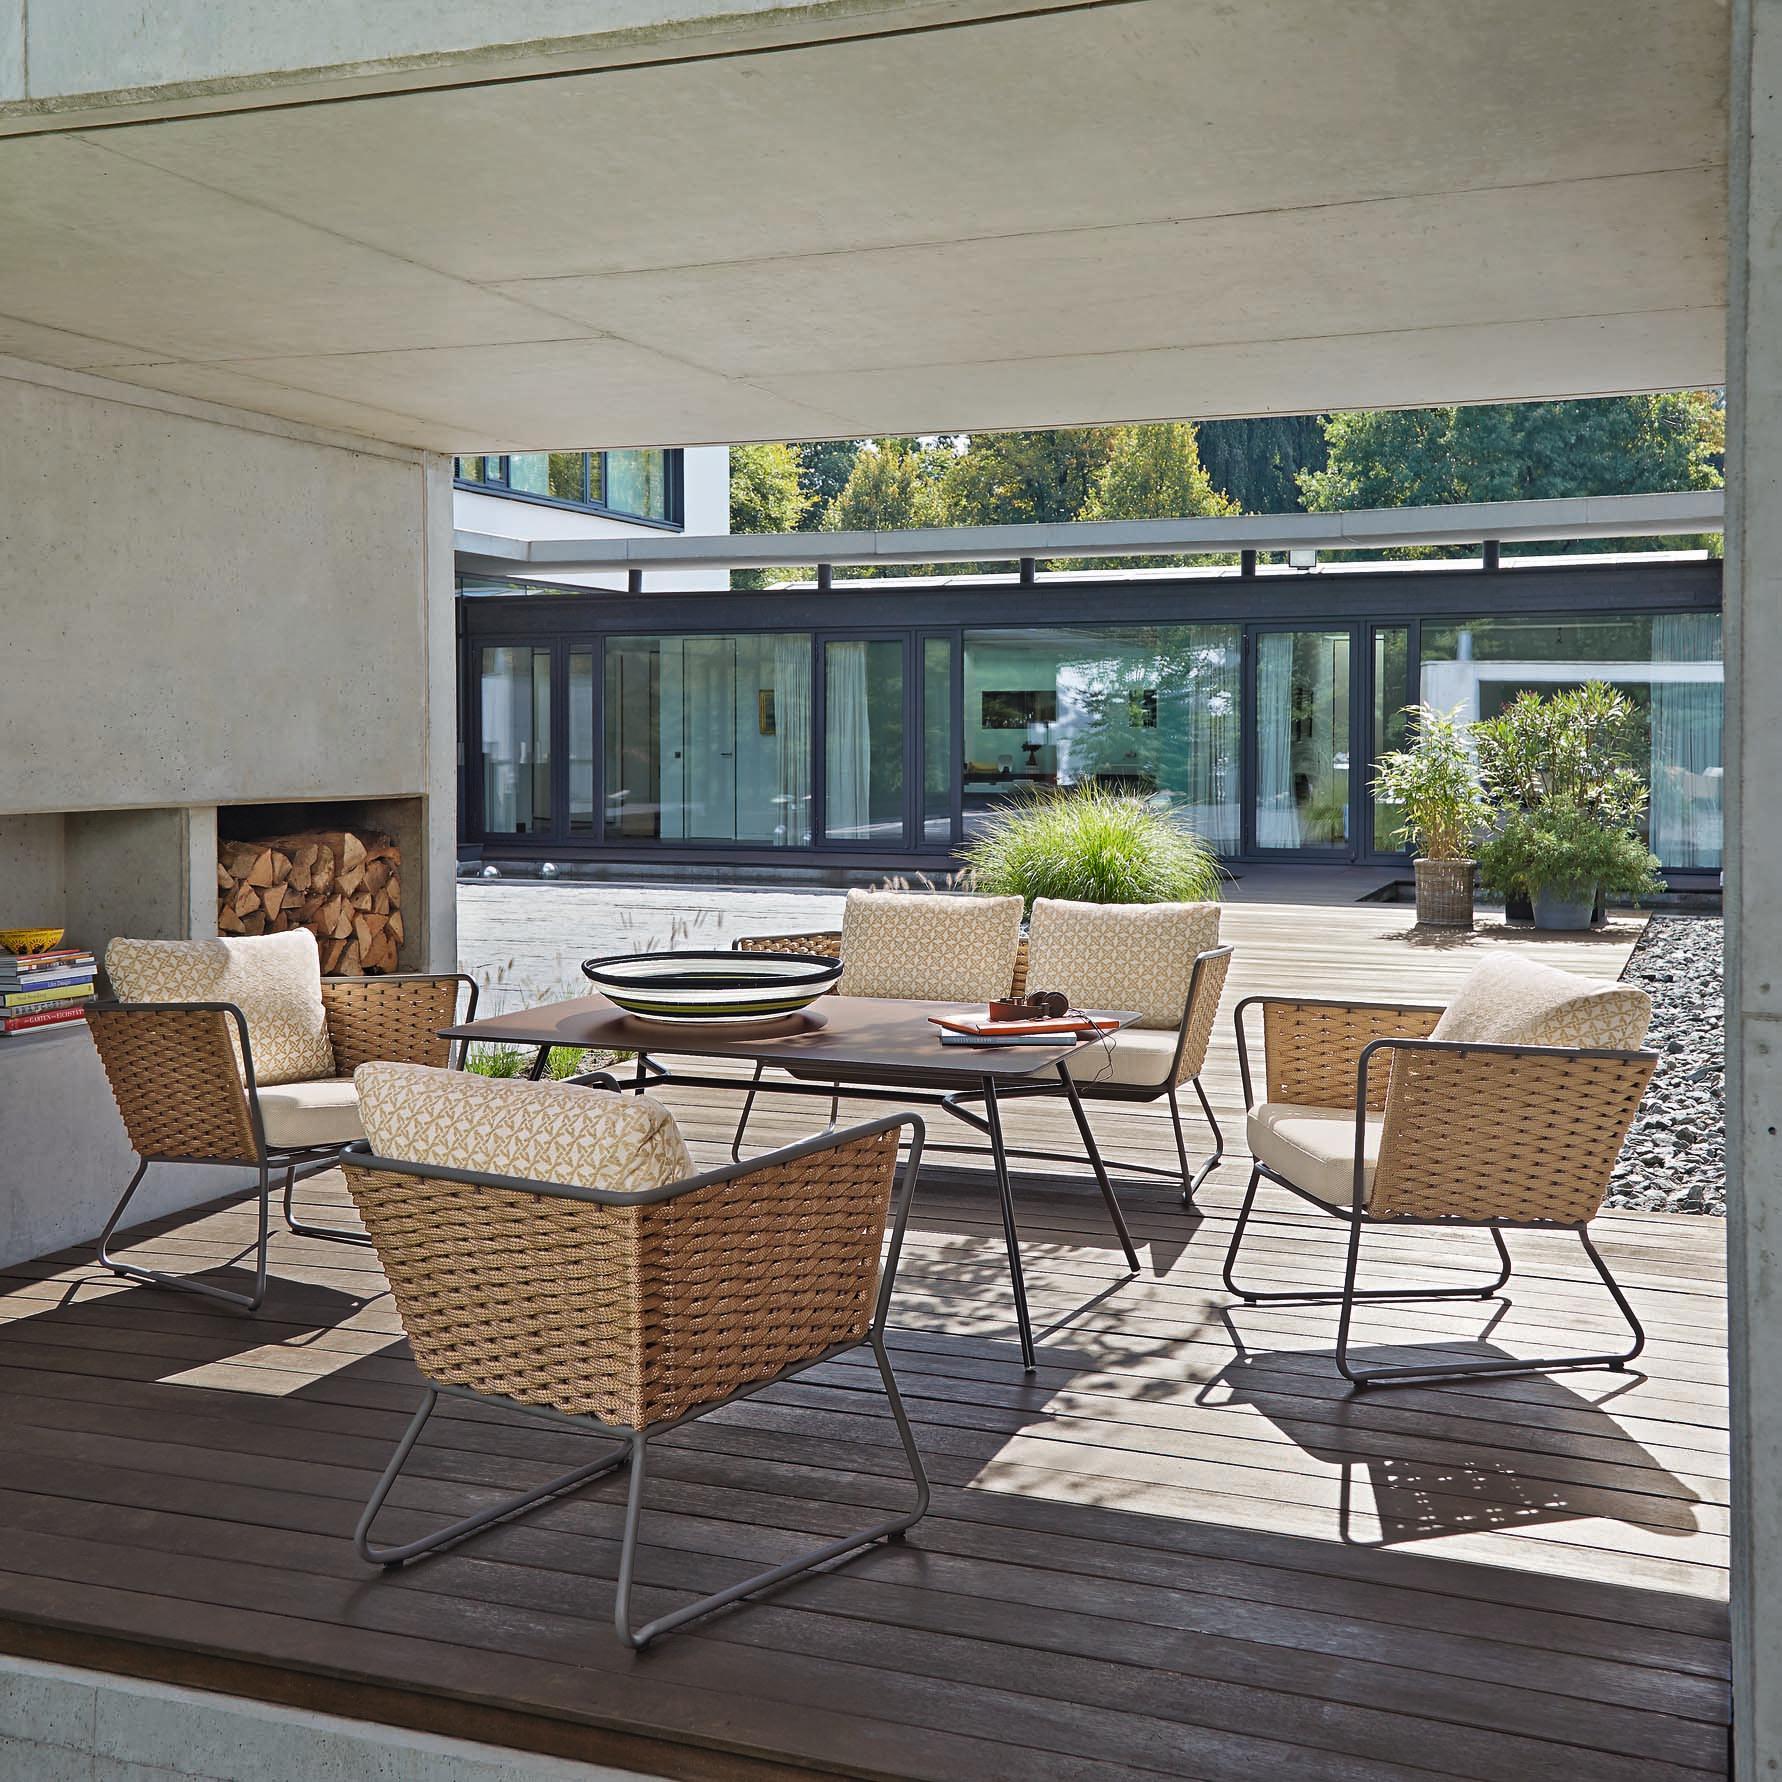 naturstein terrasse bilder ideen couchstyle. Black Bedroom Furniture Sets. Home Design Ideas